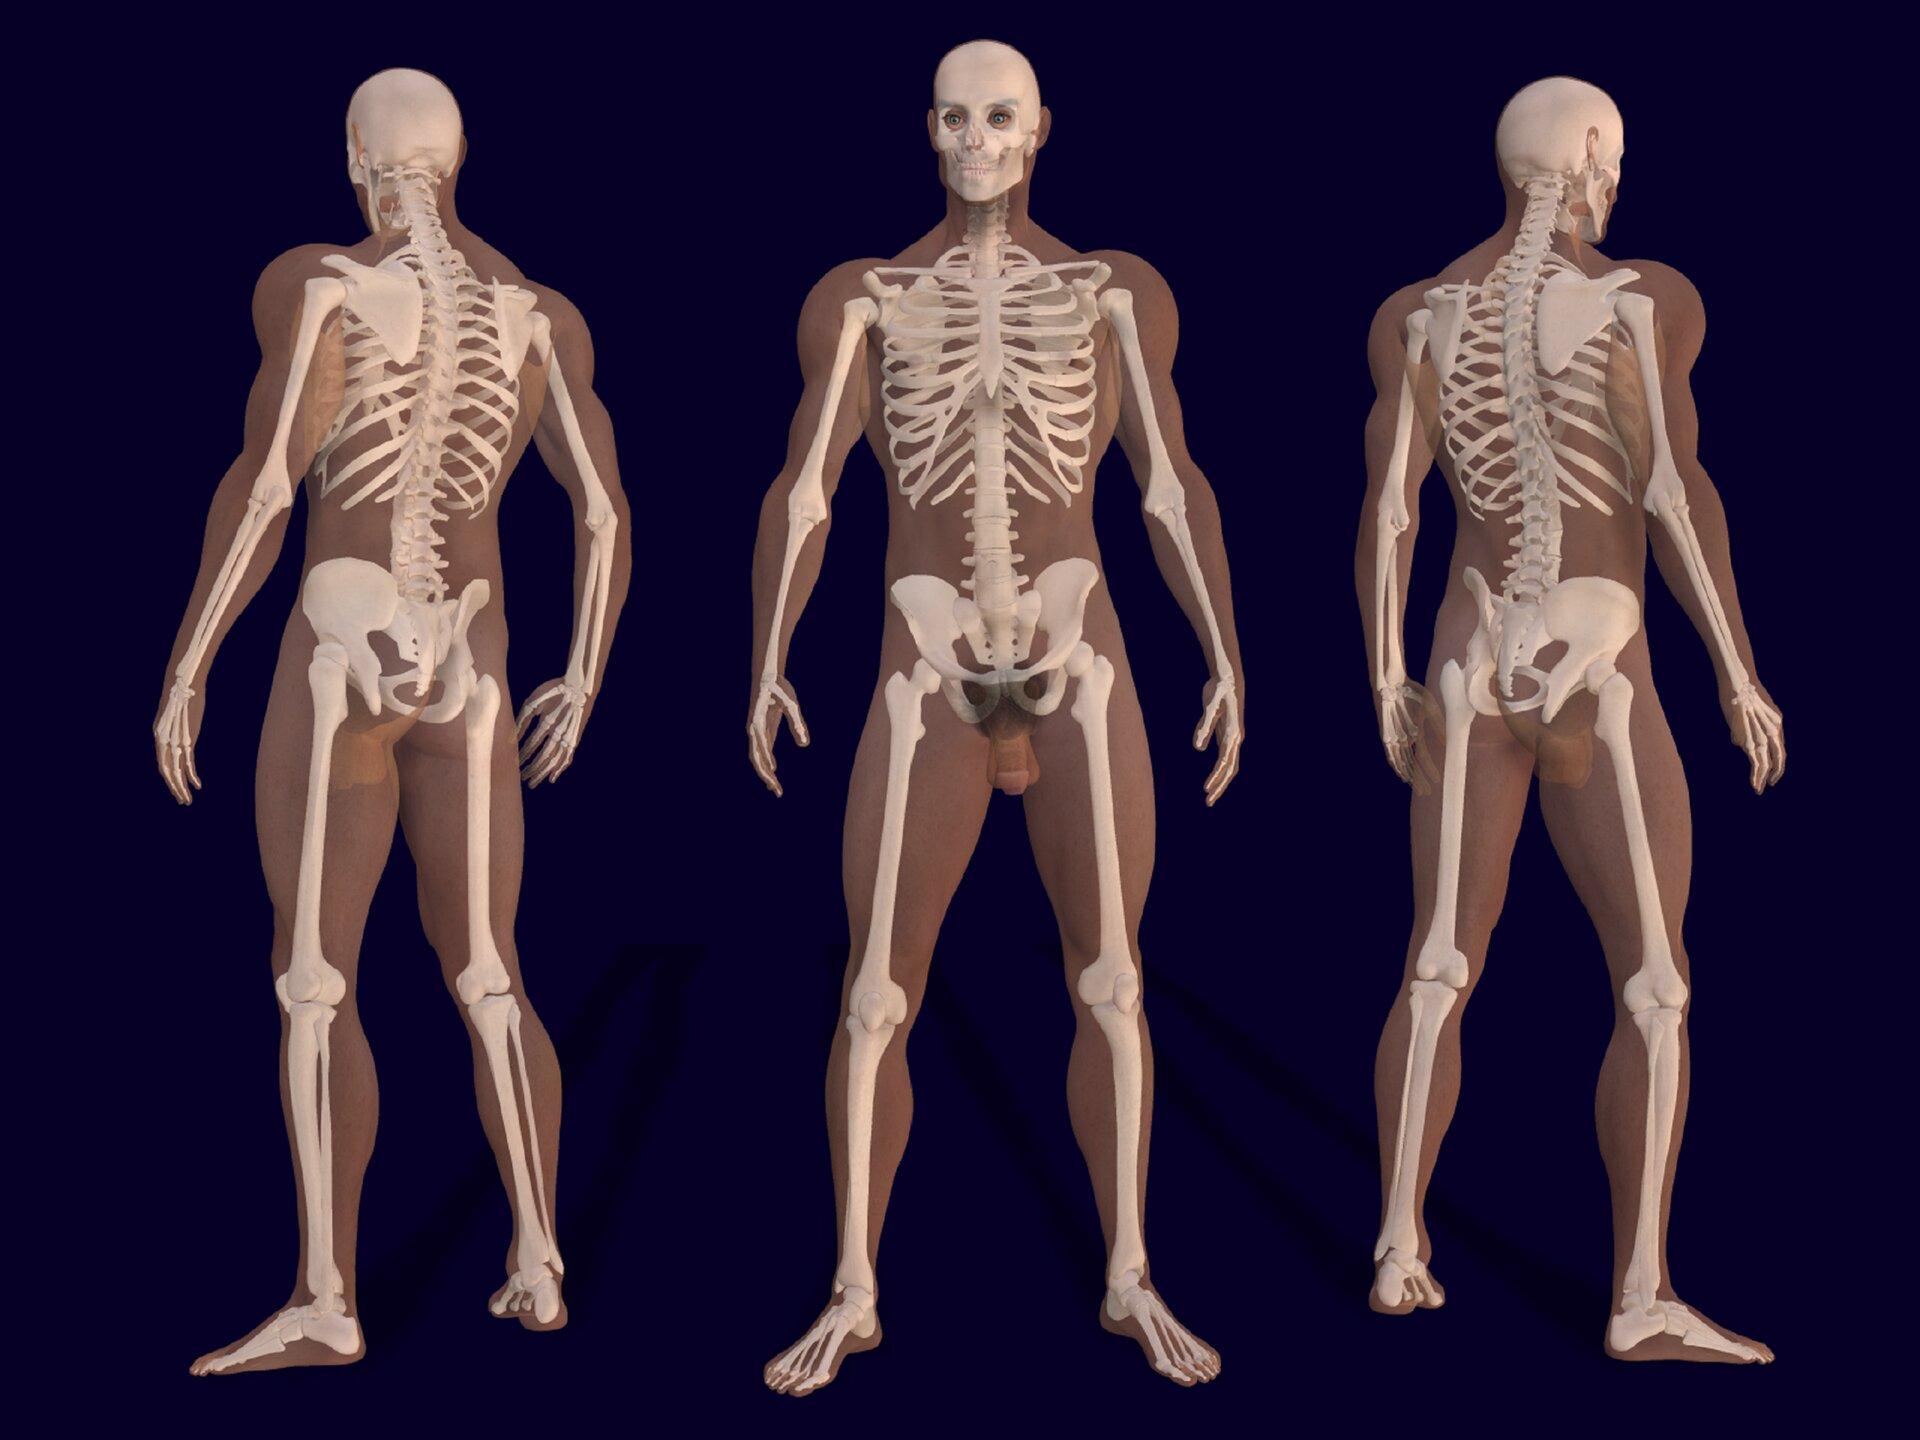 Schemat przedstawia męski szkielet